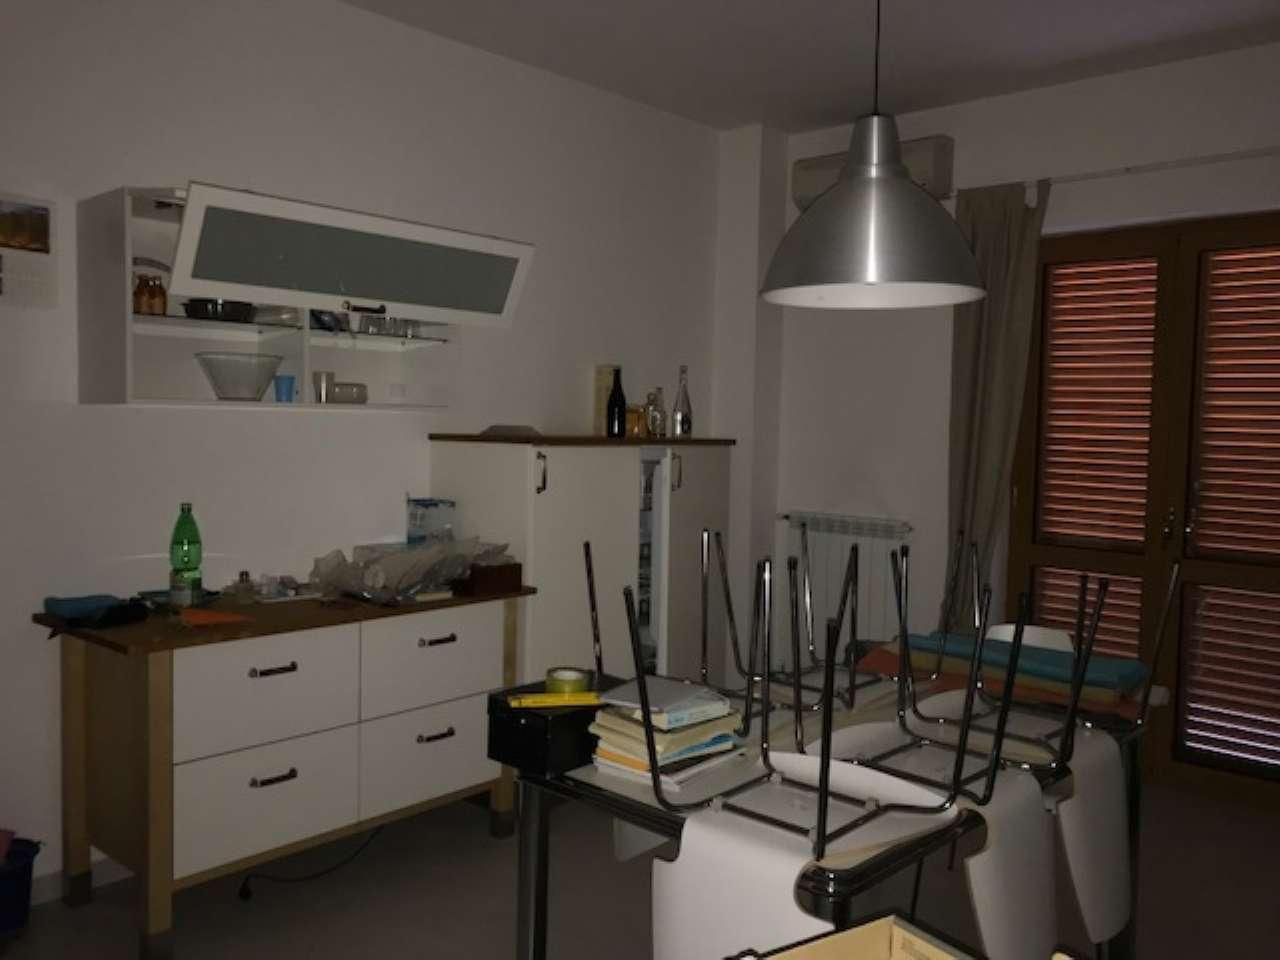 Appartamento arredato in affitto a Nola in zona residenziale